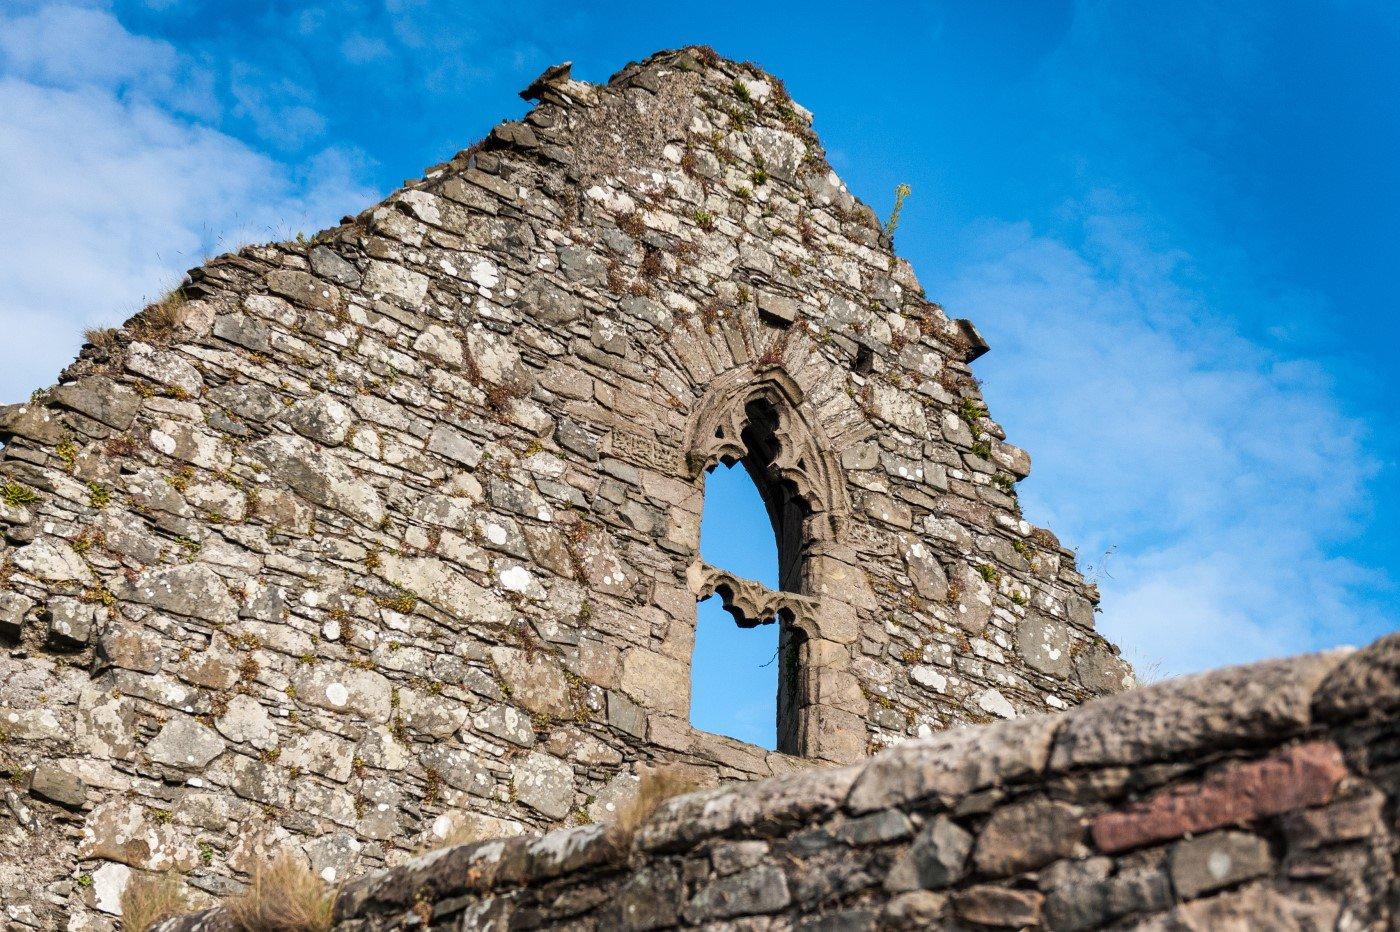 Jan 2: Feast of Lochait, abbot of Mag Bile (Moville #Down); important early church [via https://t.co/EoKgcxjOle] https://t.co/6Wu5T5H8eJ